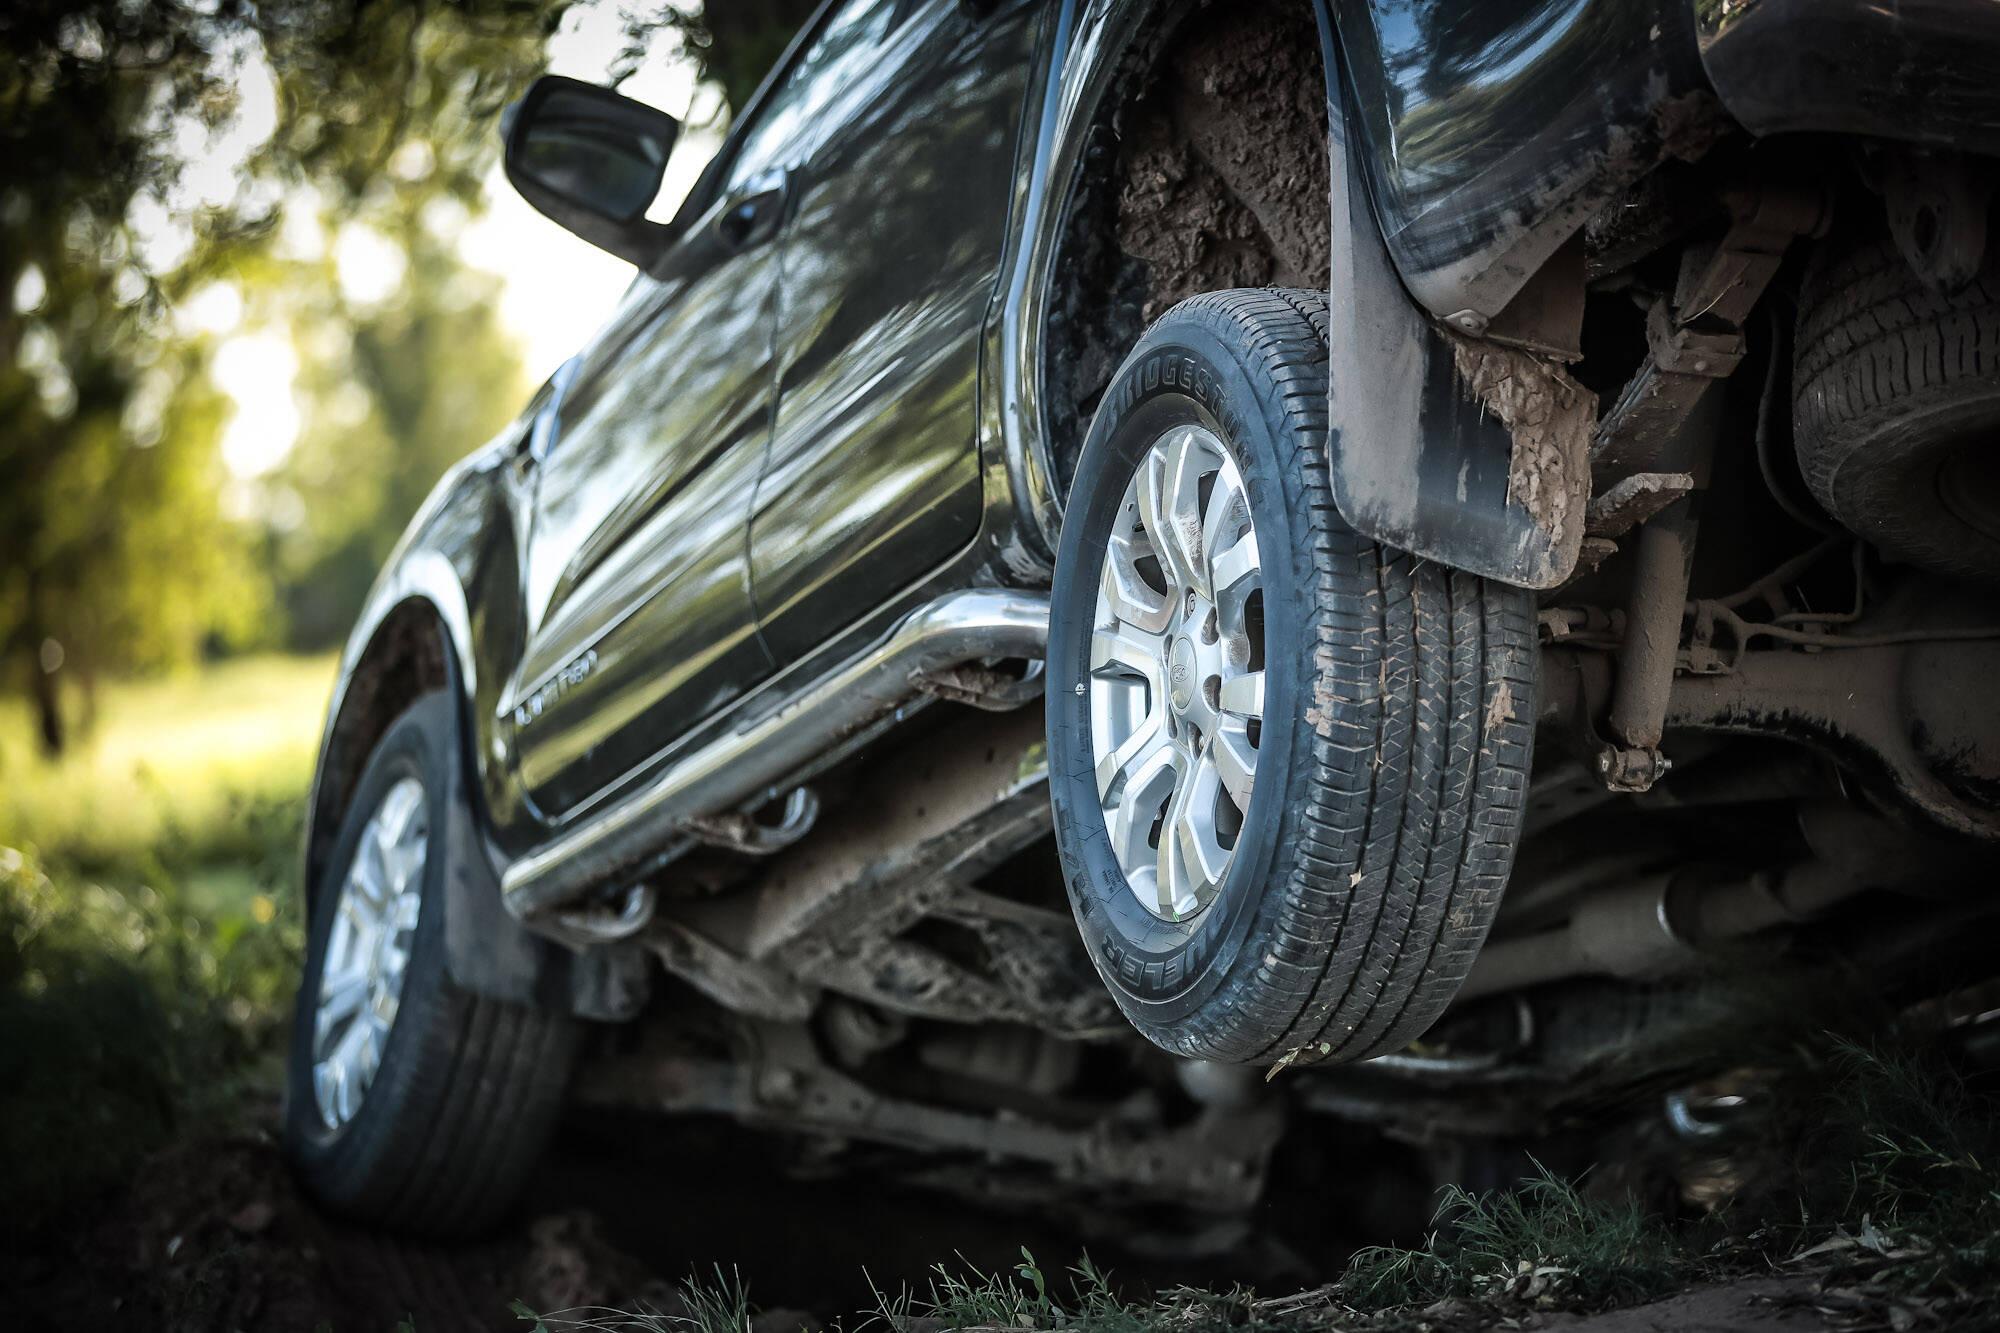 Ford Ranger 2017. Foto: Divulgação